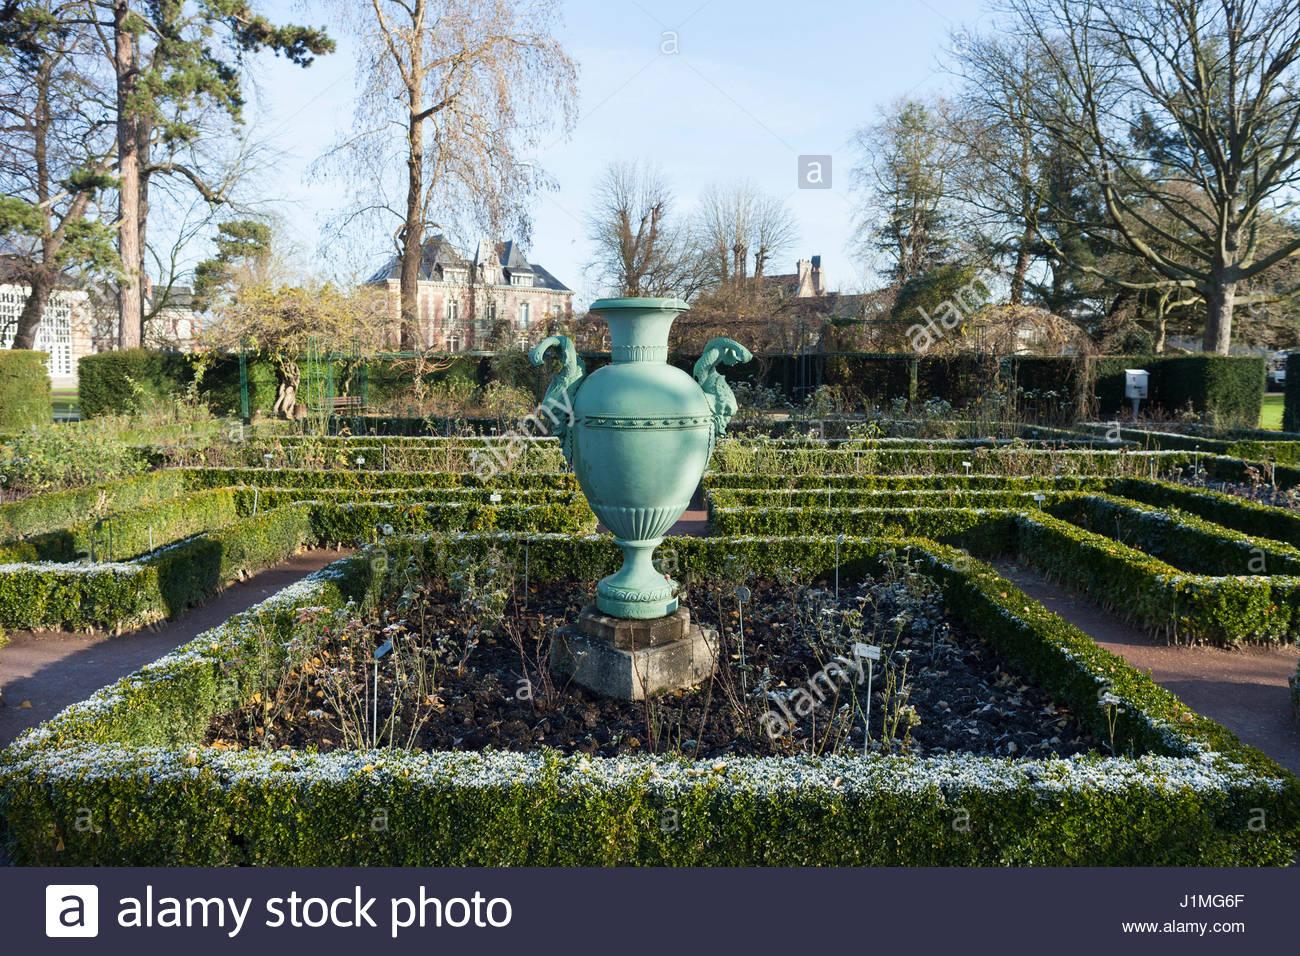 hedges and urn at jardin des plantes rouen france stock image - Jardin Des Plantes Rouen